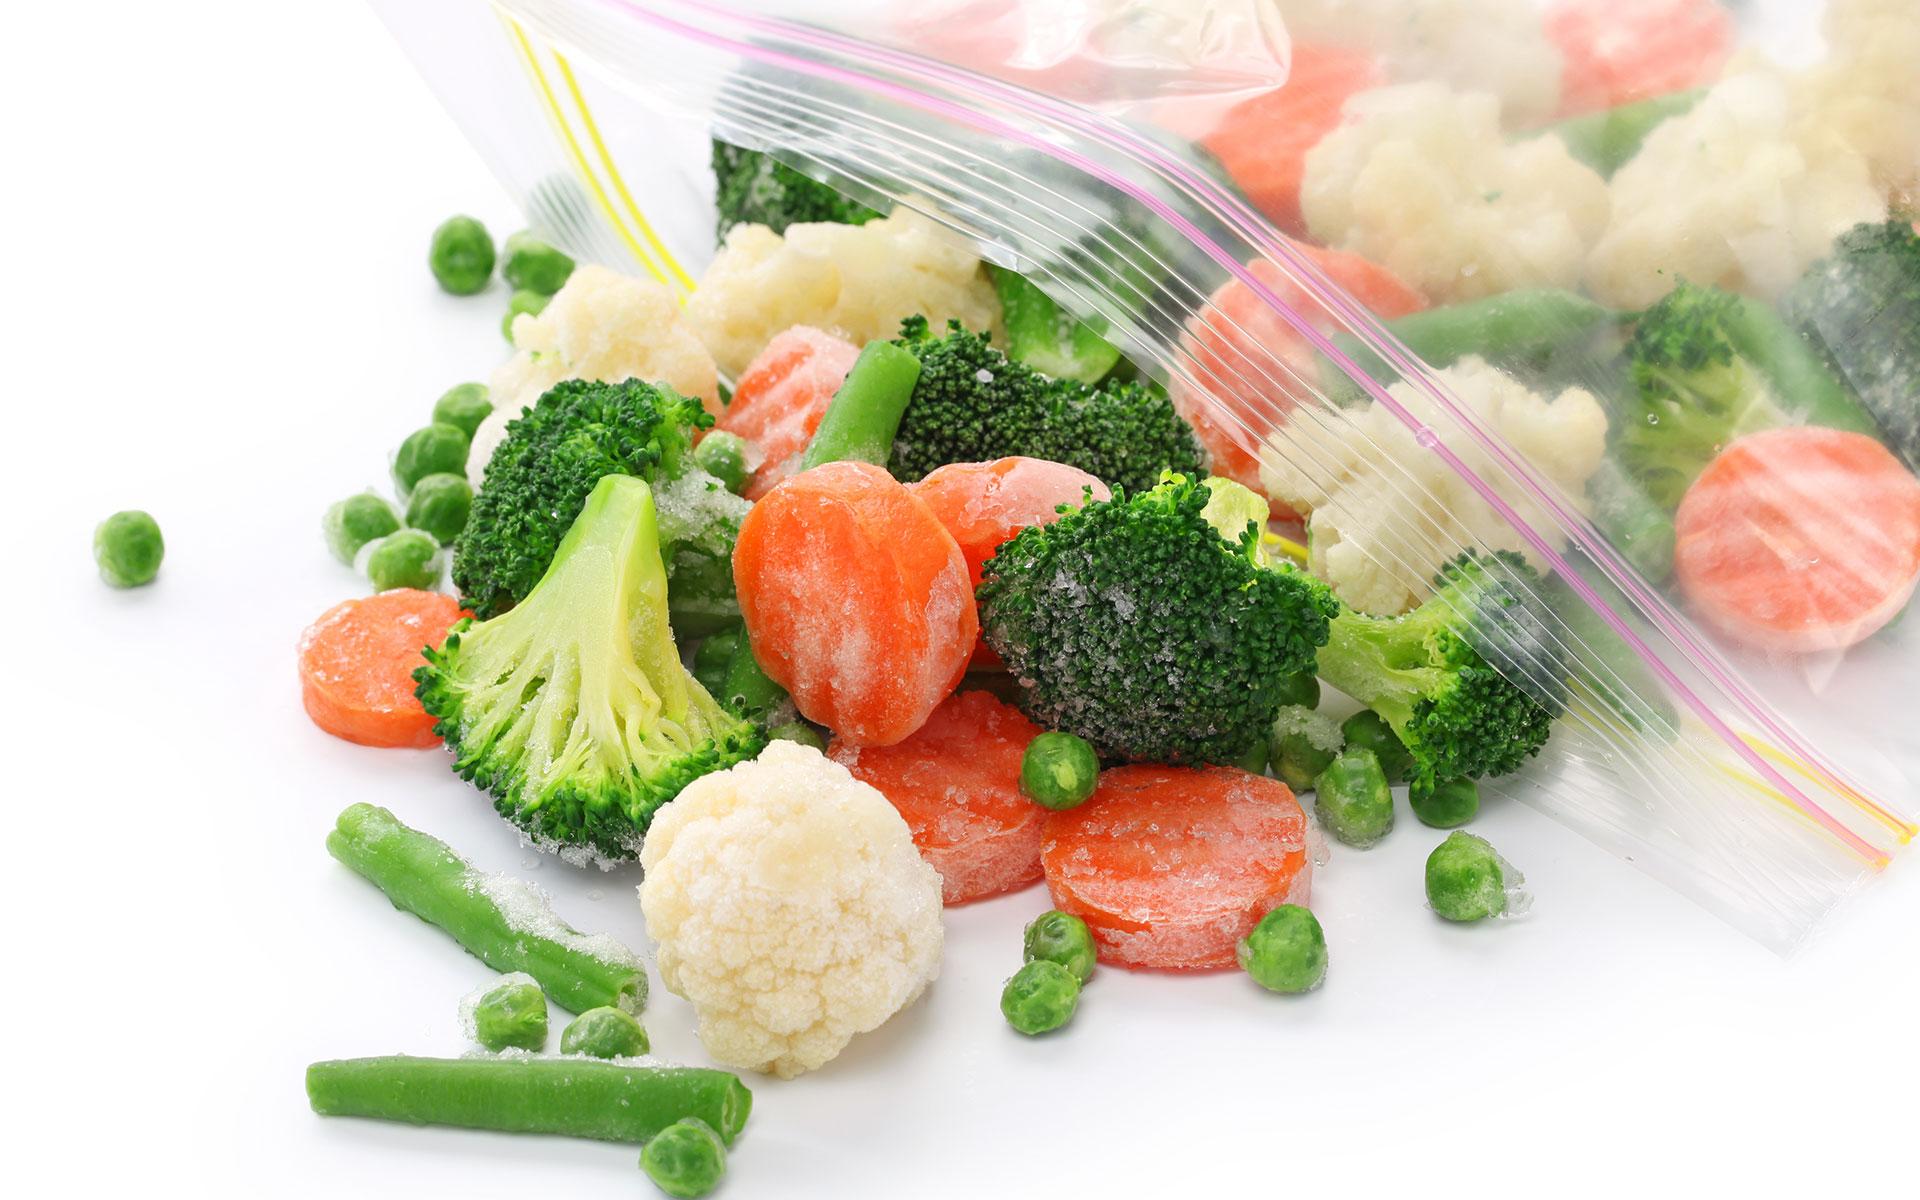 6 Easy Tips For Frozen Veggies